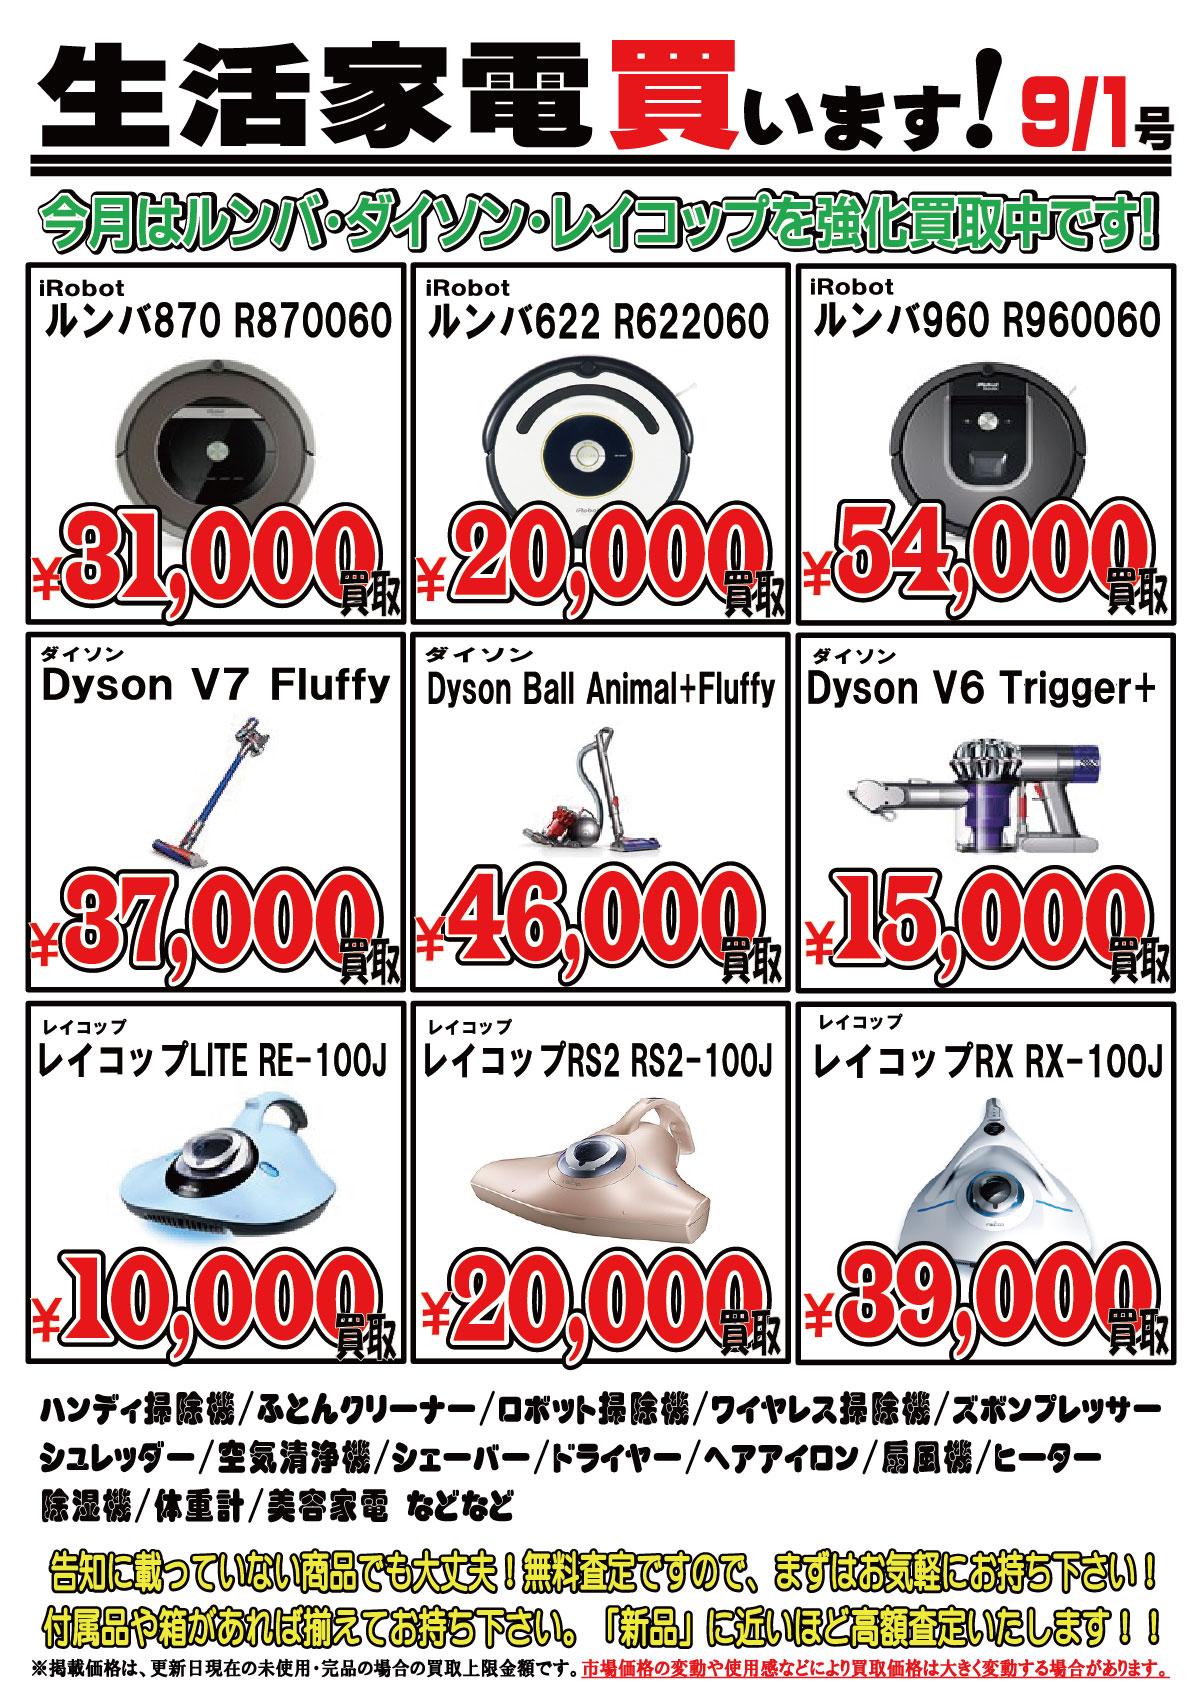 「開放倉庫山城店」2017.9/1号 生活家電買います!今月はルンバ・ダイソン・レイコップを強化買取中です!